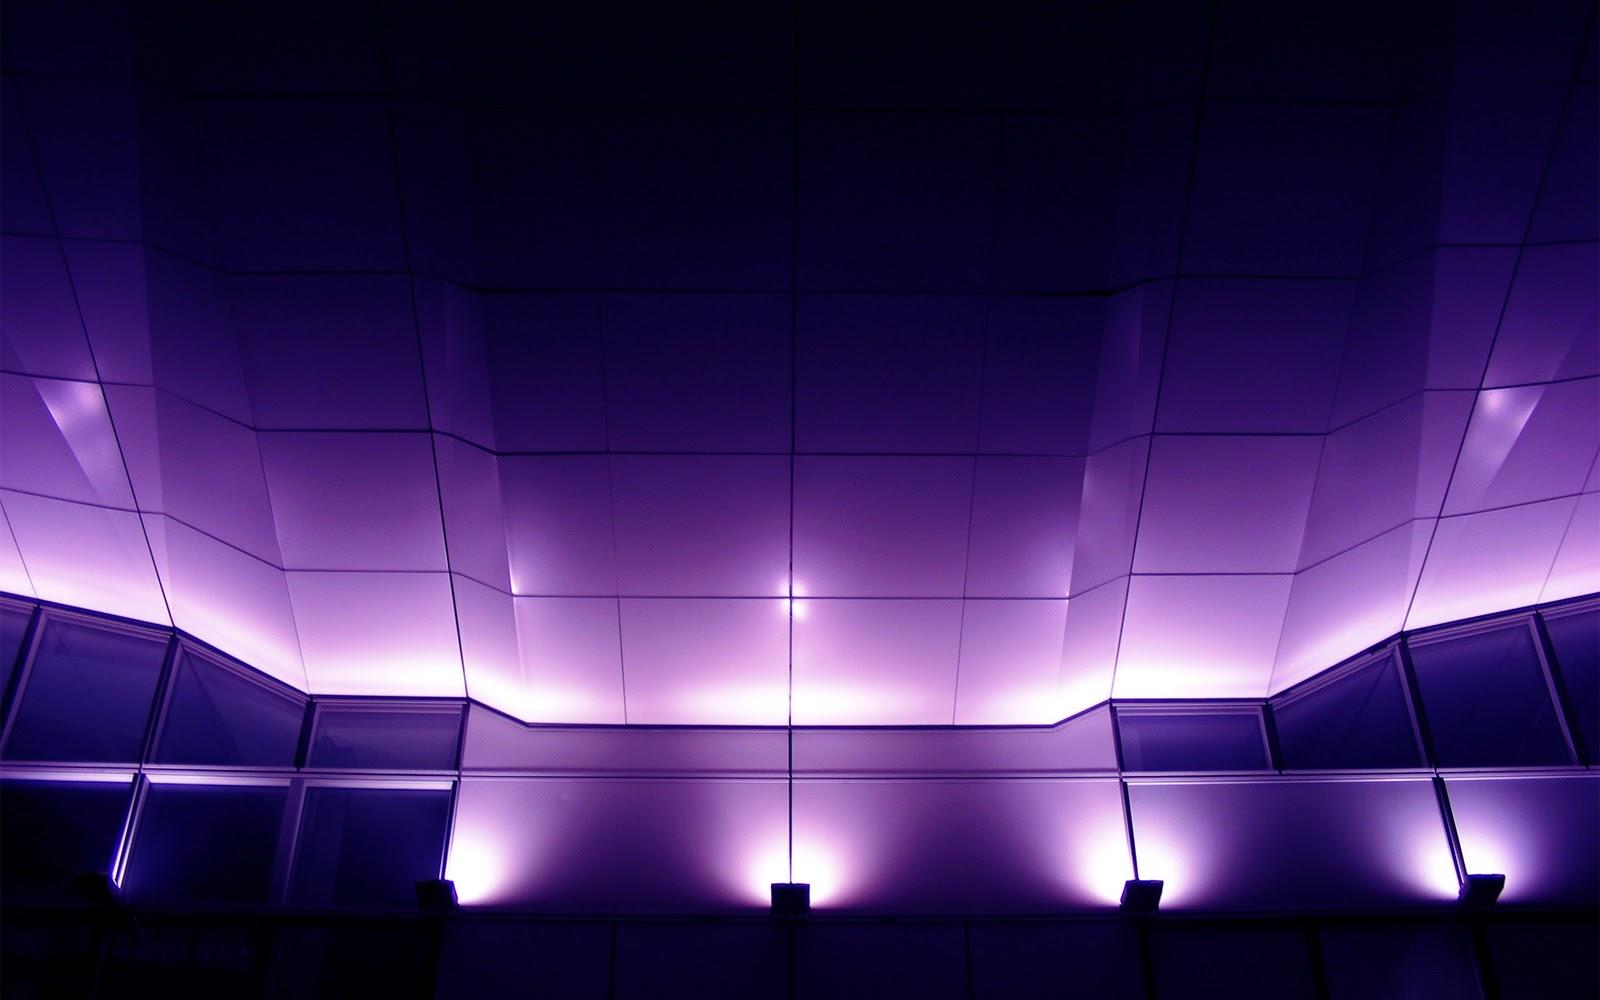 http://1.bp.blogspot.com/-FCoqmr4wnr0/TyQJ__E8bRI/AAAAAAAADSs/h1gVw_W7_QA/s1600/purple-wallpaper-download-2.jpg